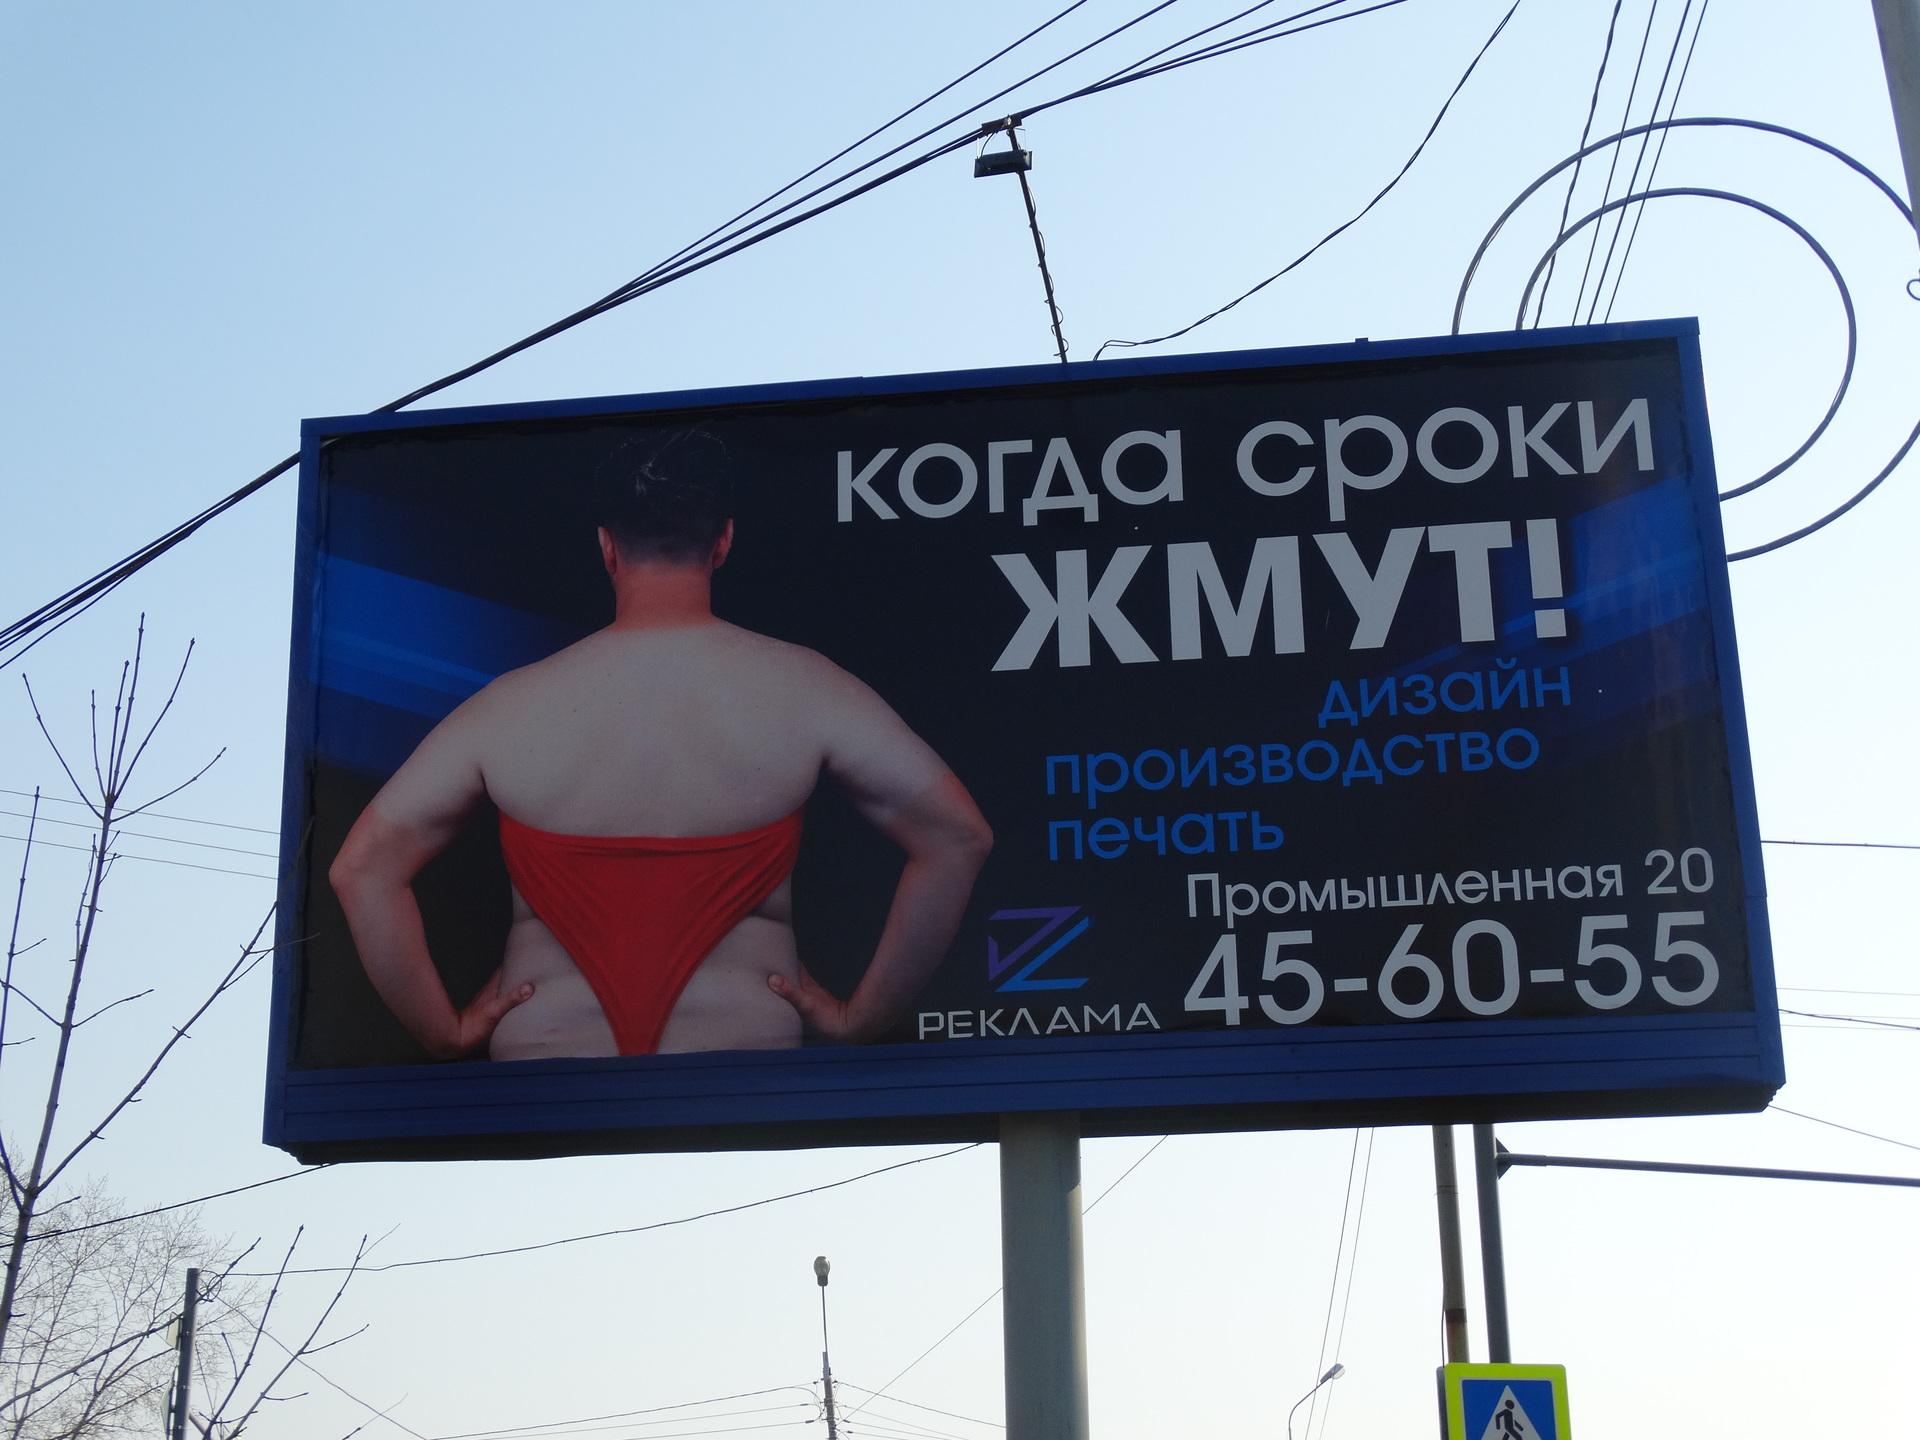 Пример неудачного заголовка для баннерной рекламы